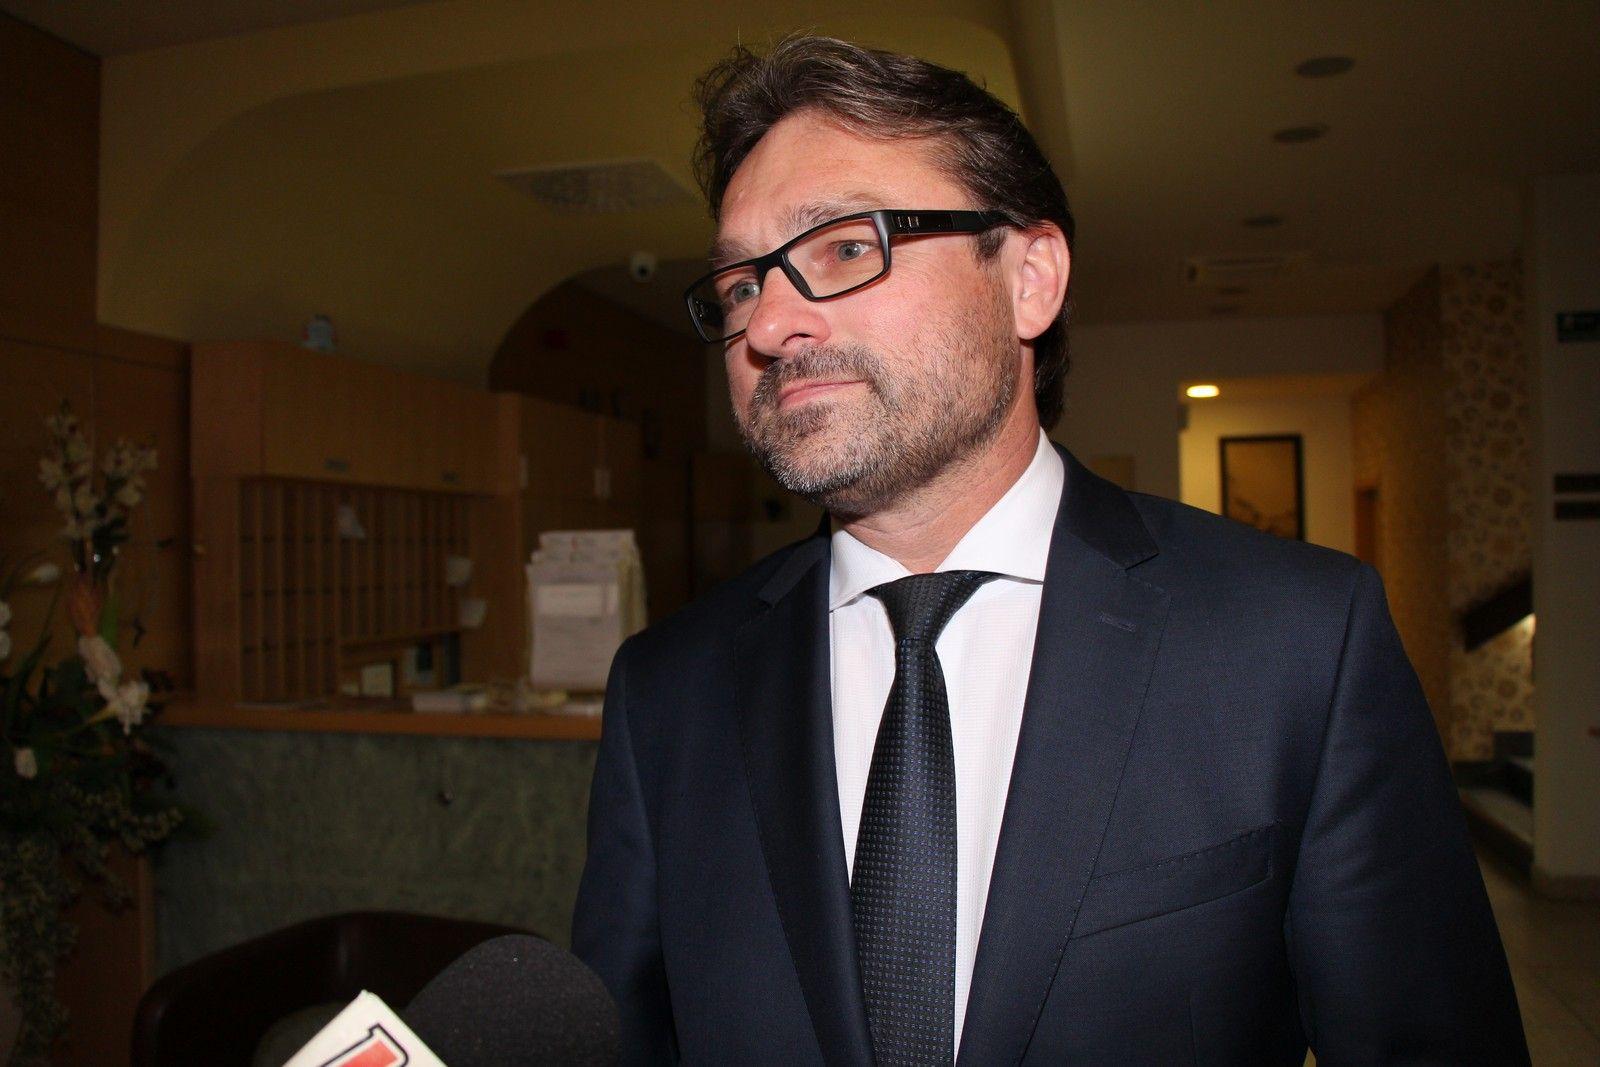 Državni tajnik Mario Antonić održao prezentaciju o